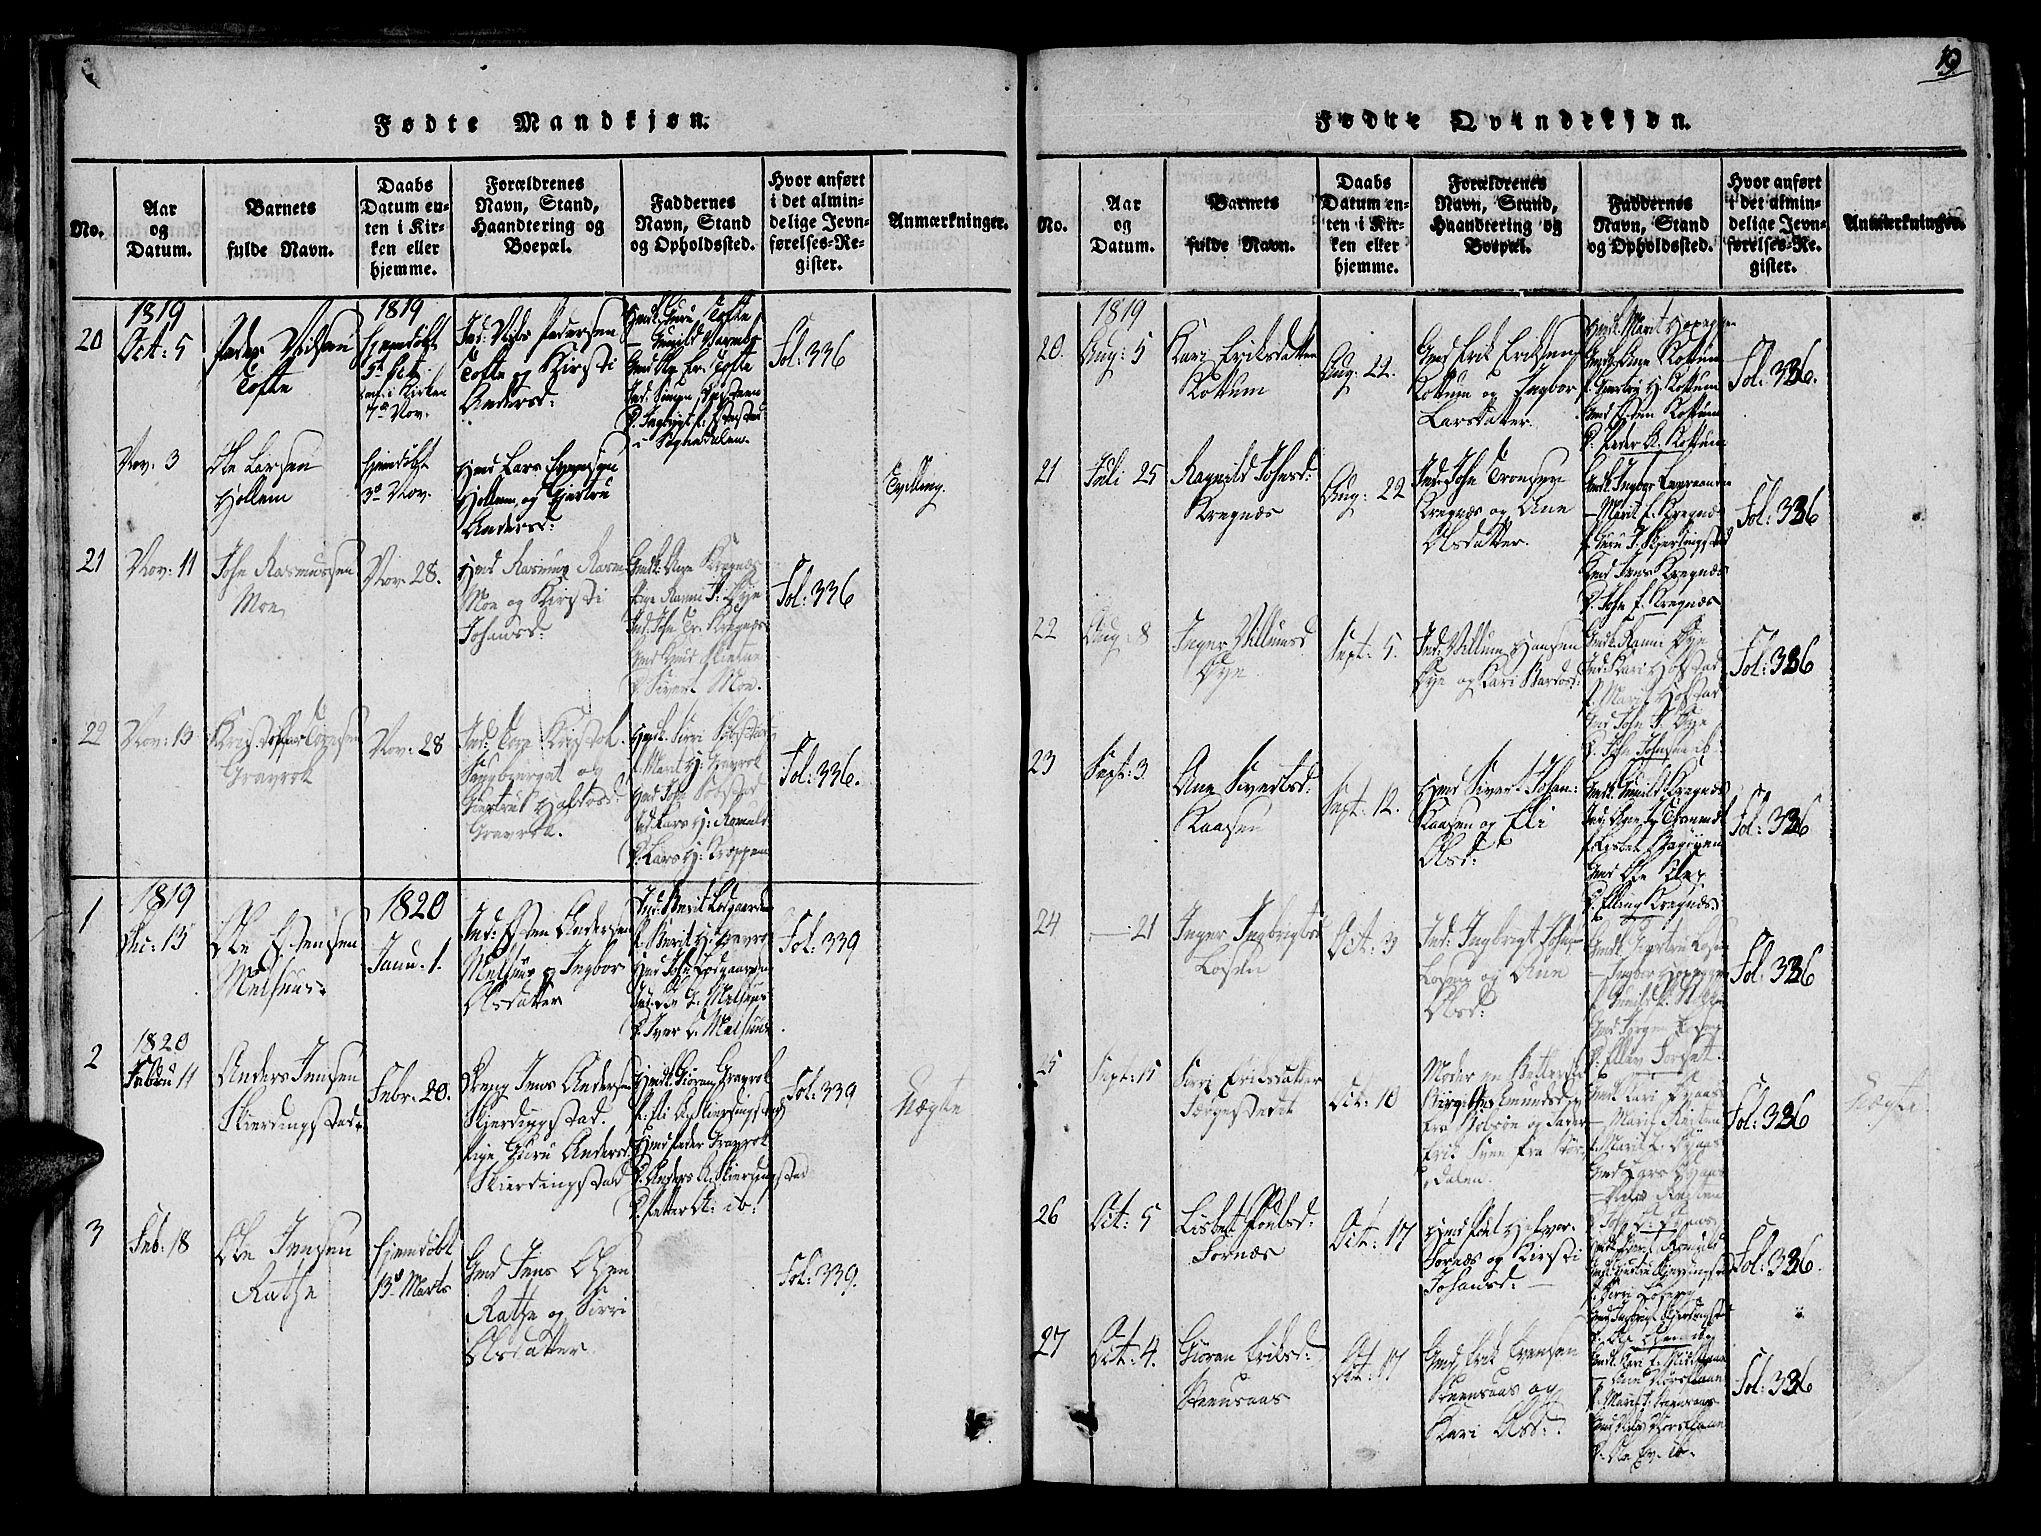 SAT, Ministerialprotokoller, klokkerbøker og fødselsregistre - Sør-Trøndelag, 691/L1065: Ministerialbok nr. 691A03 /1, 1816-1826, s. 19